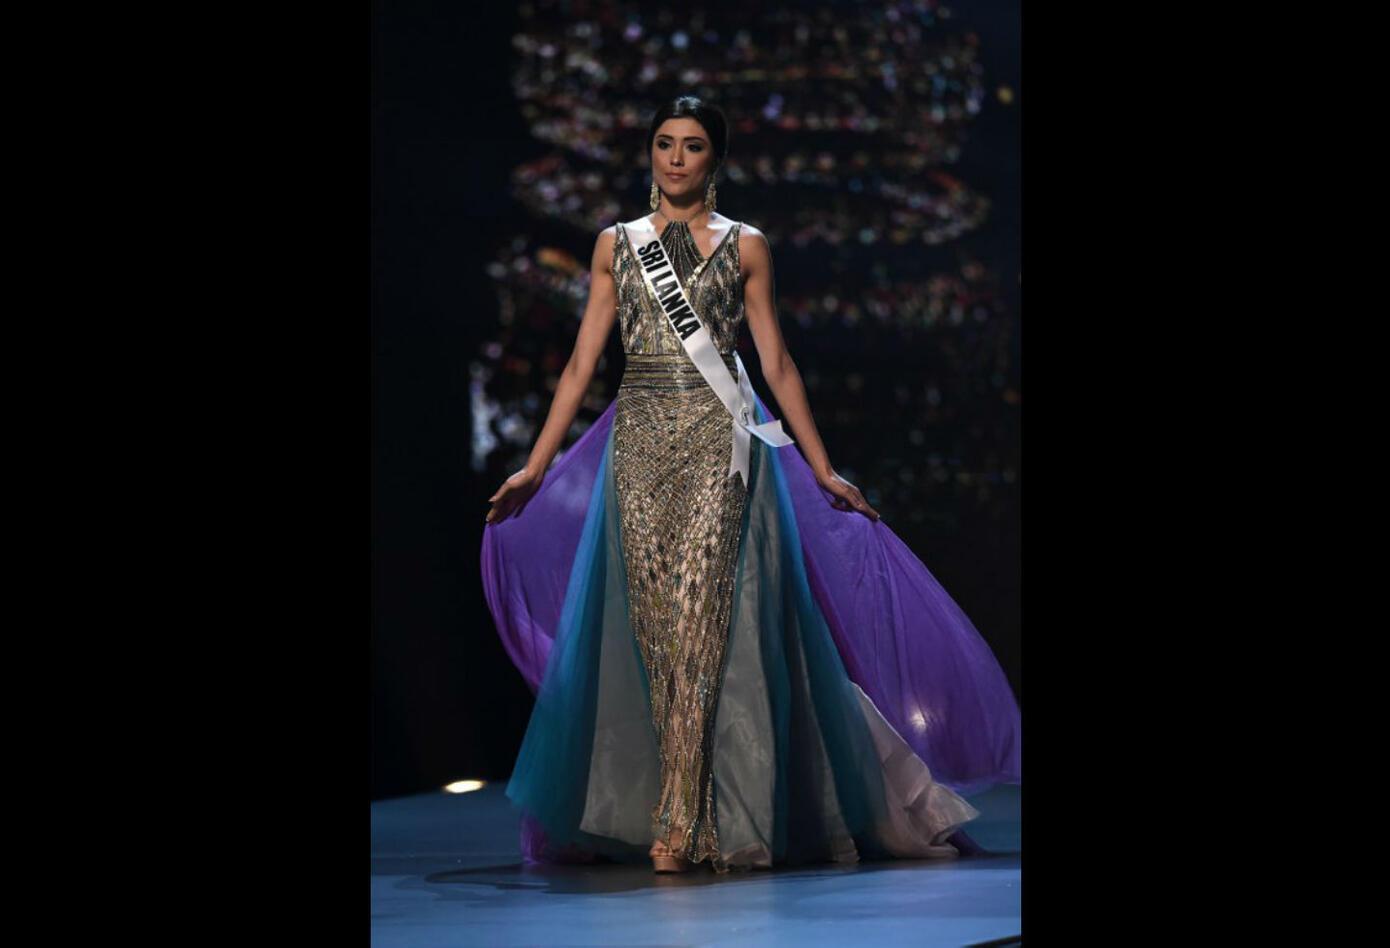 Miss Sri Lanka, Ornella Gunesekere